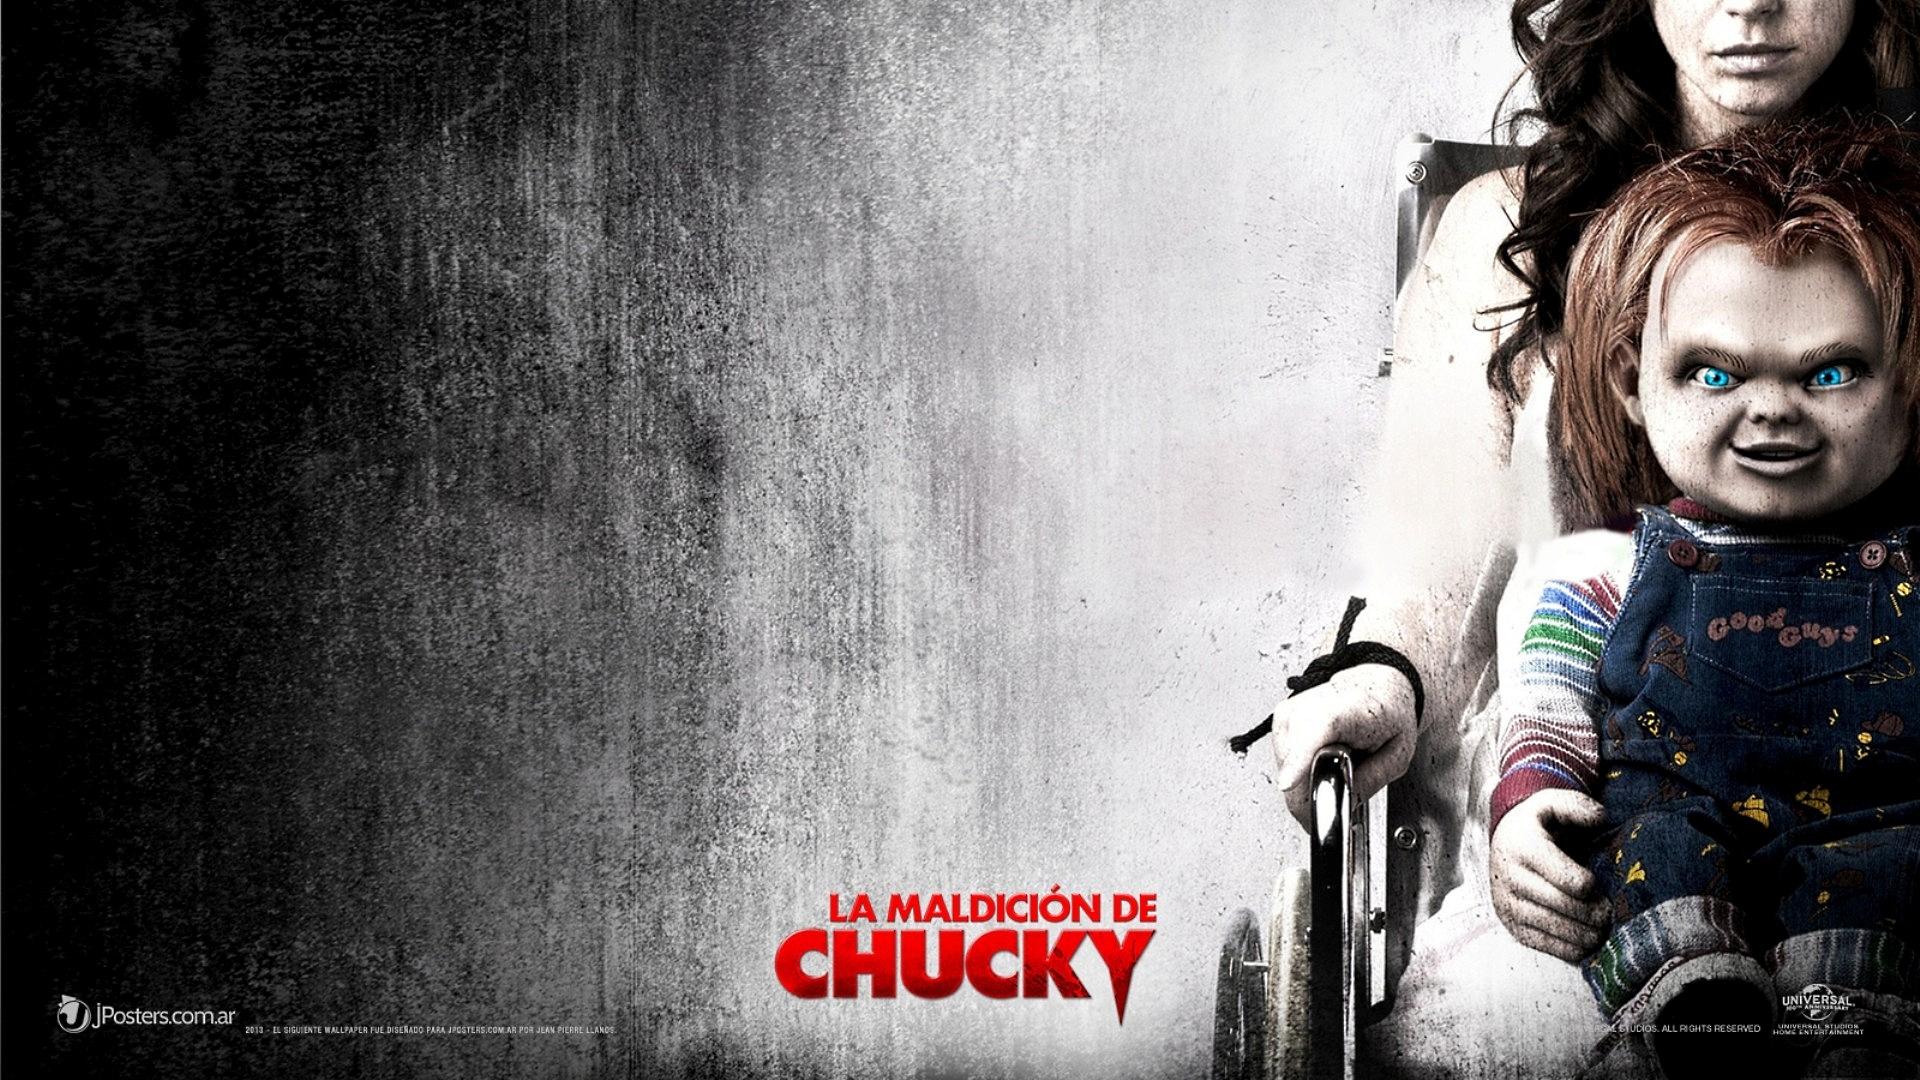 Chucky Wallpaper HD 1920x1080